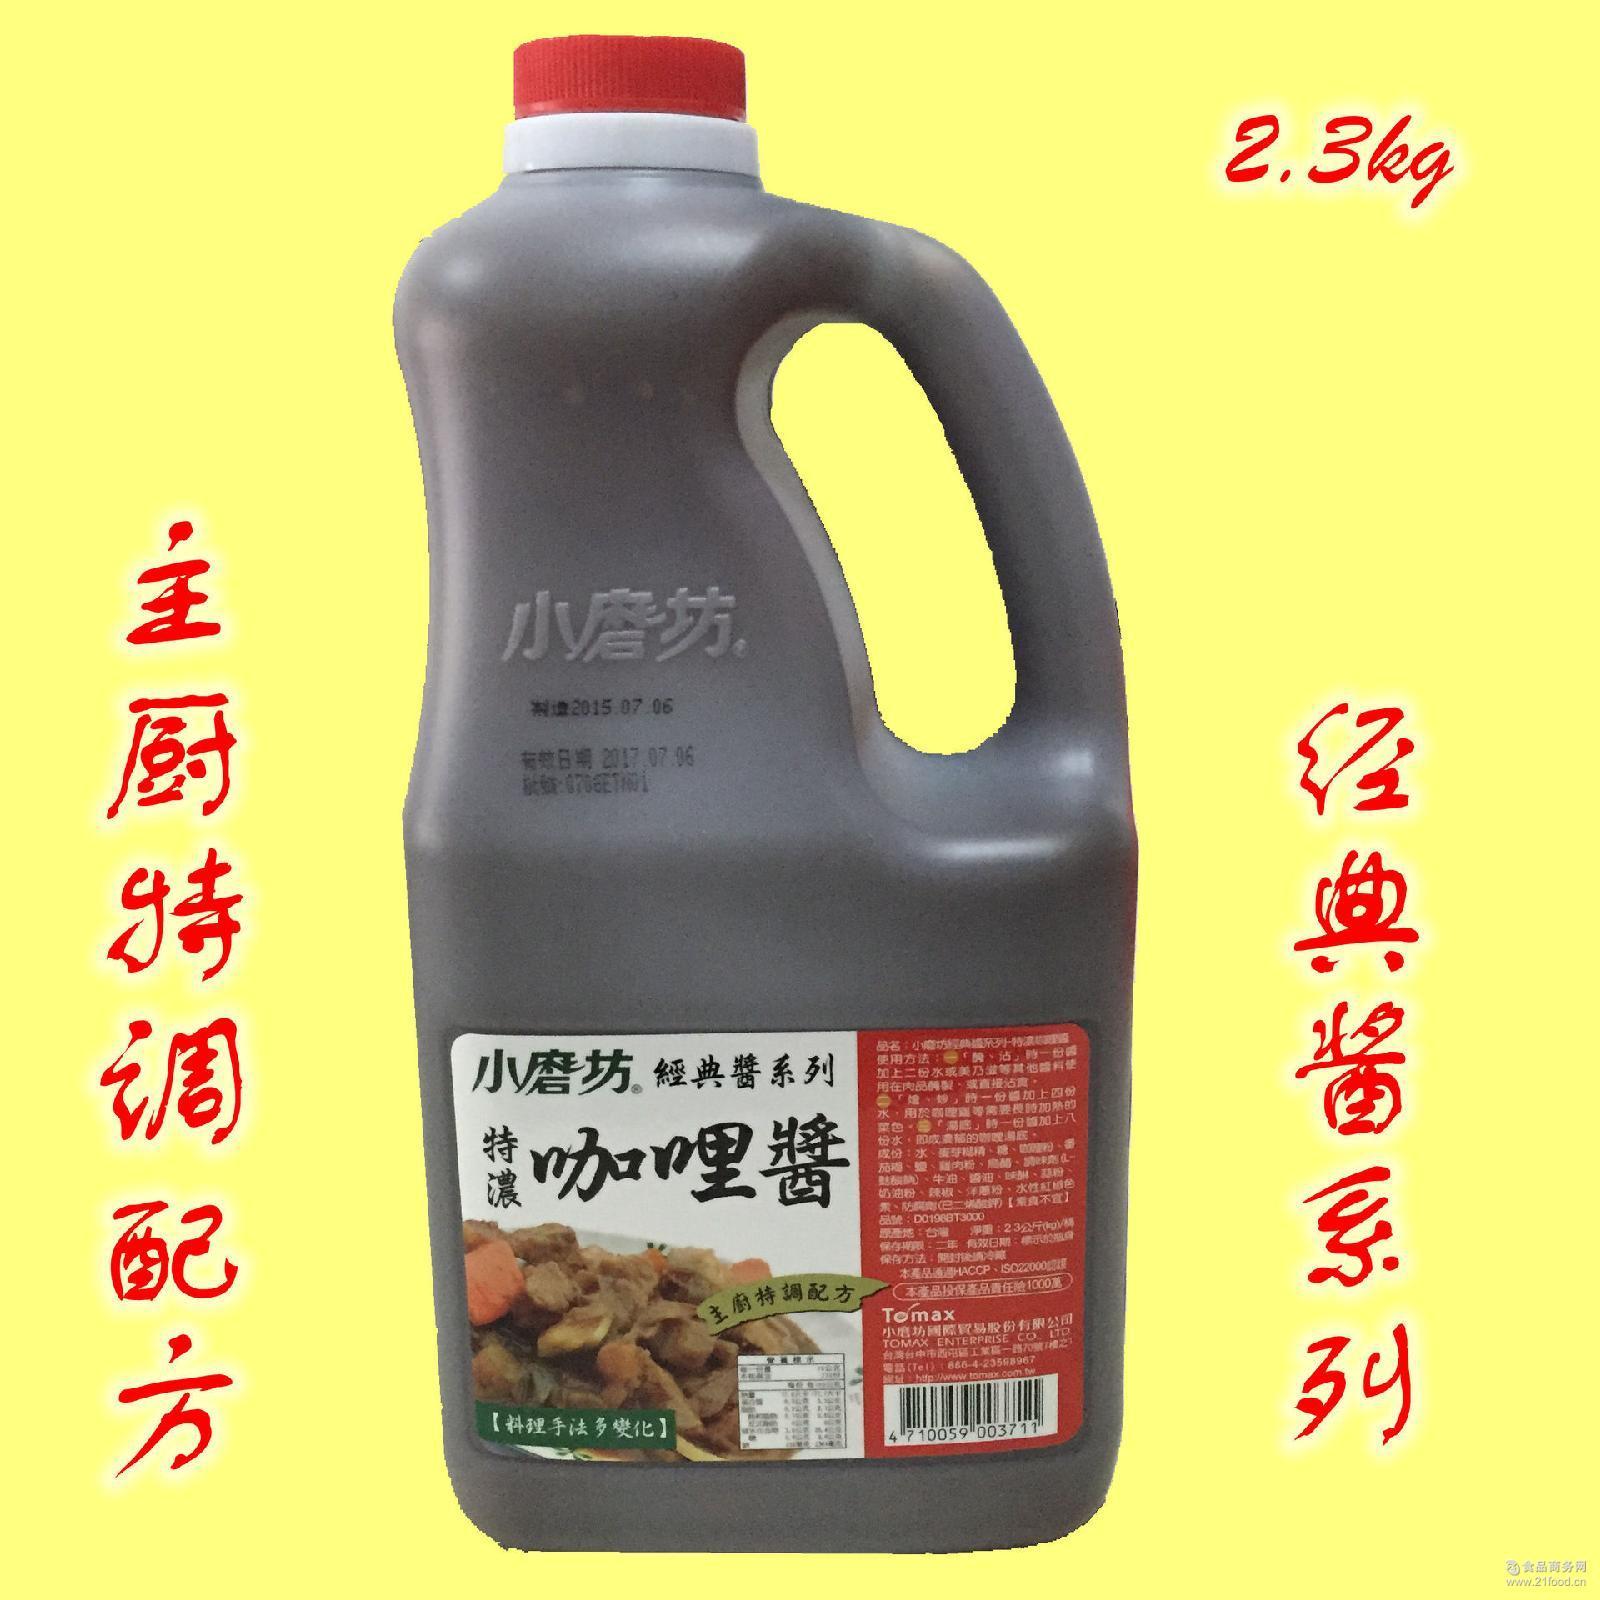 咖喱牛肉调料 淹 沾 小磨坊特浓咖喱酱2.3kg/瓶 台湾进口